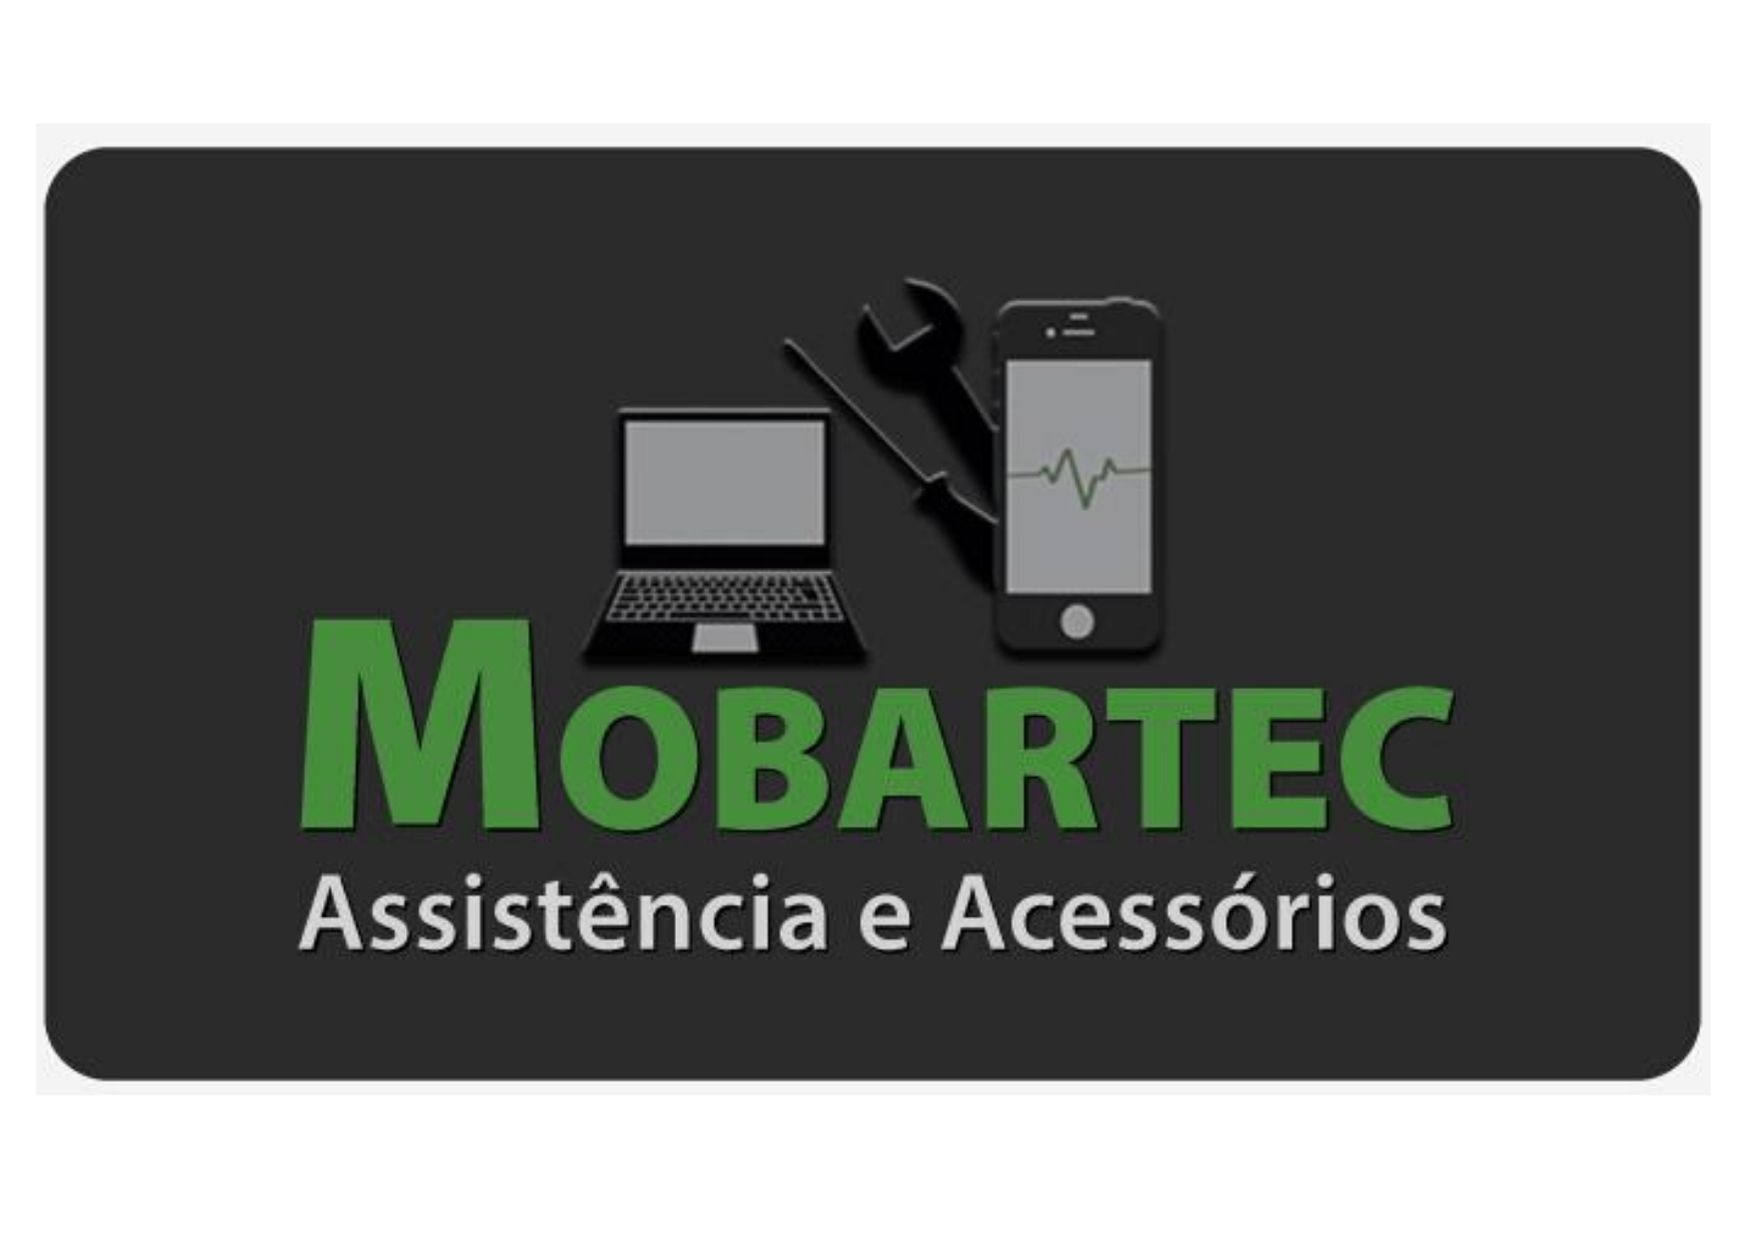 Mobartec